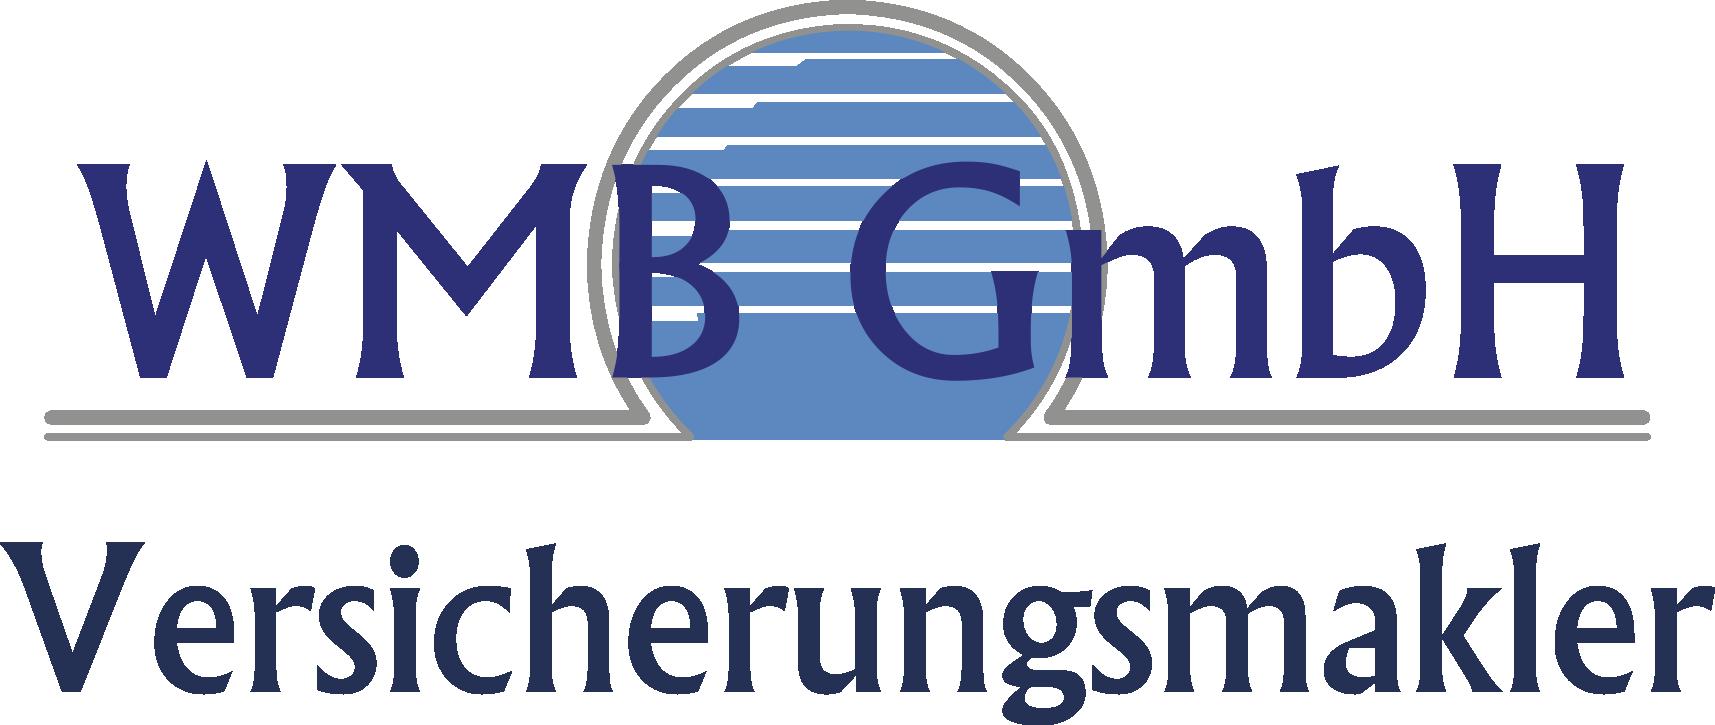 wmb-makler.de-Logo